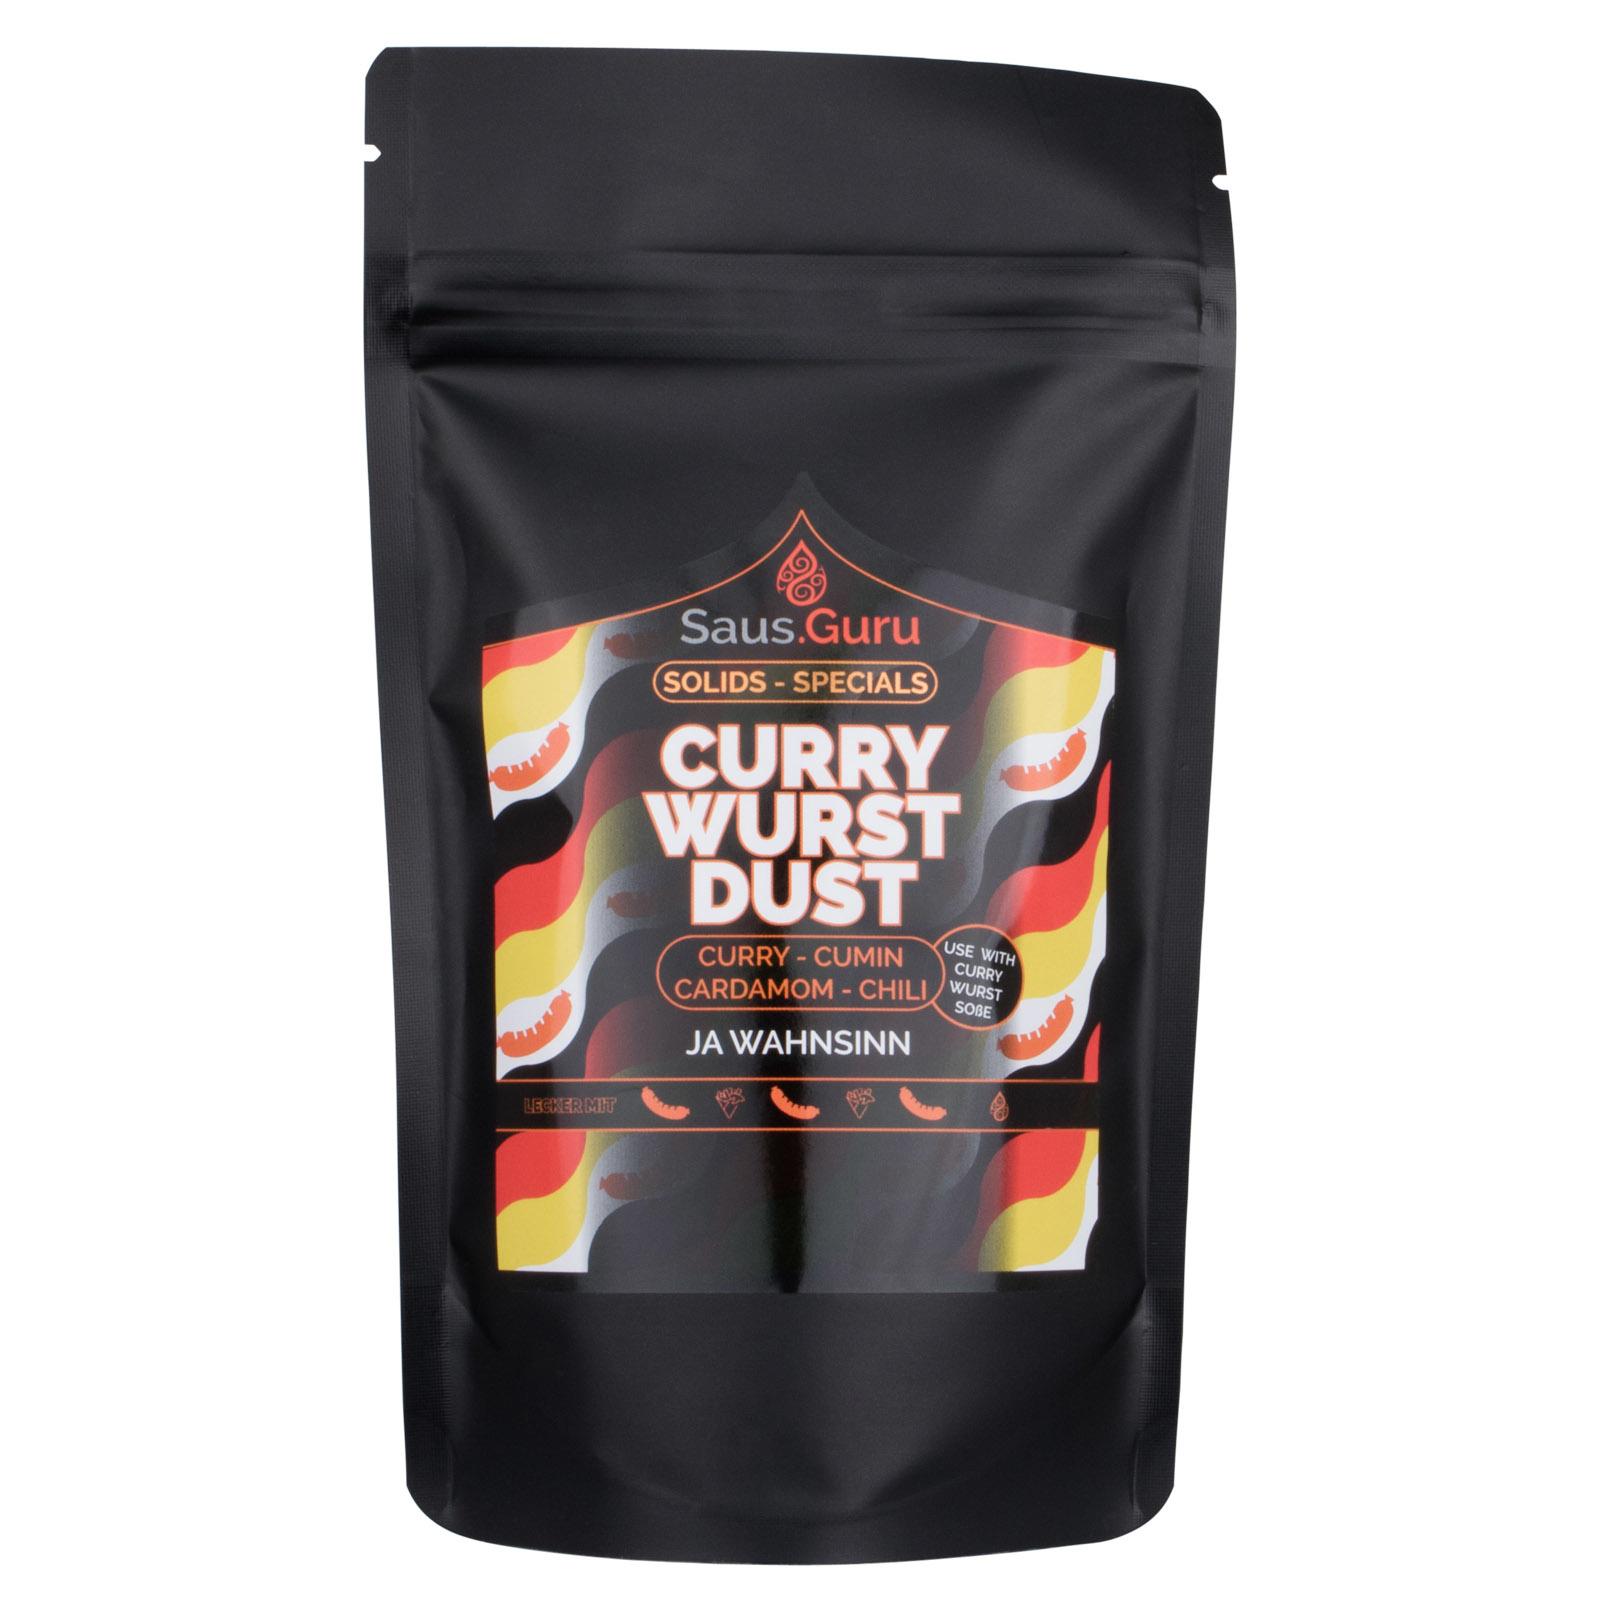 Saus.Guru's Currywurst Dust-1